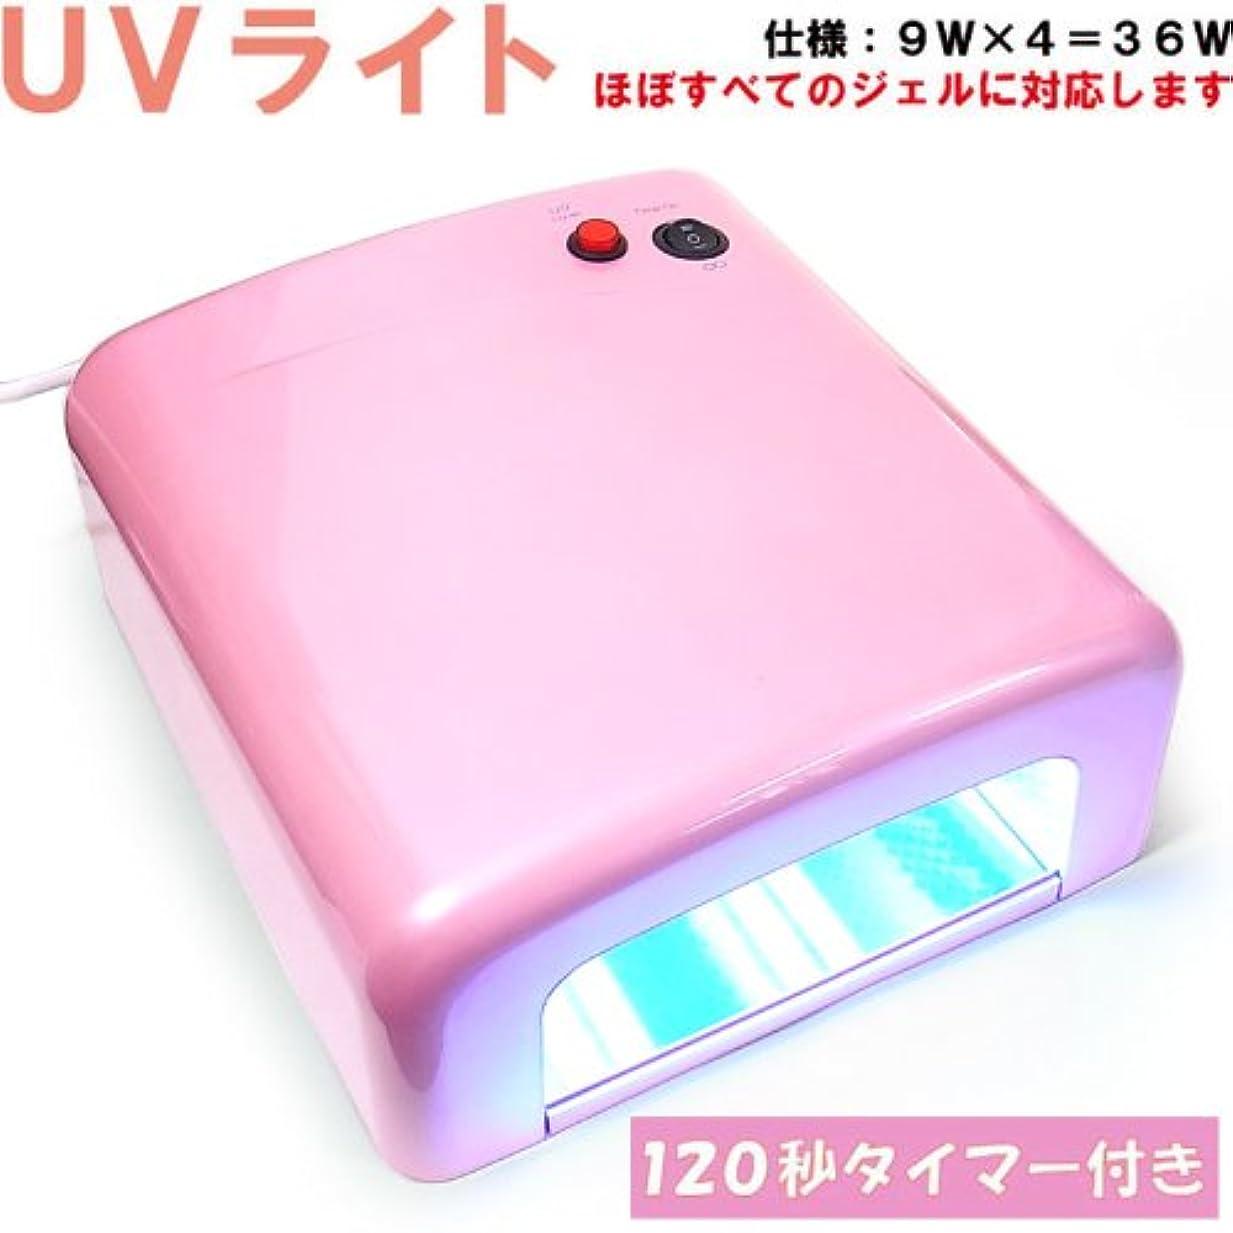 広告する成人期人差し指ジェルネイル用UVライト36W(電球9W×4本付き)UVランプ【ピンク】